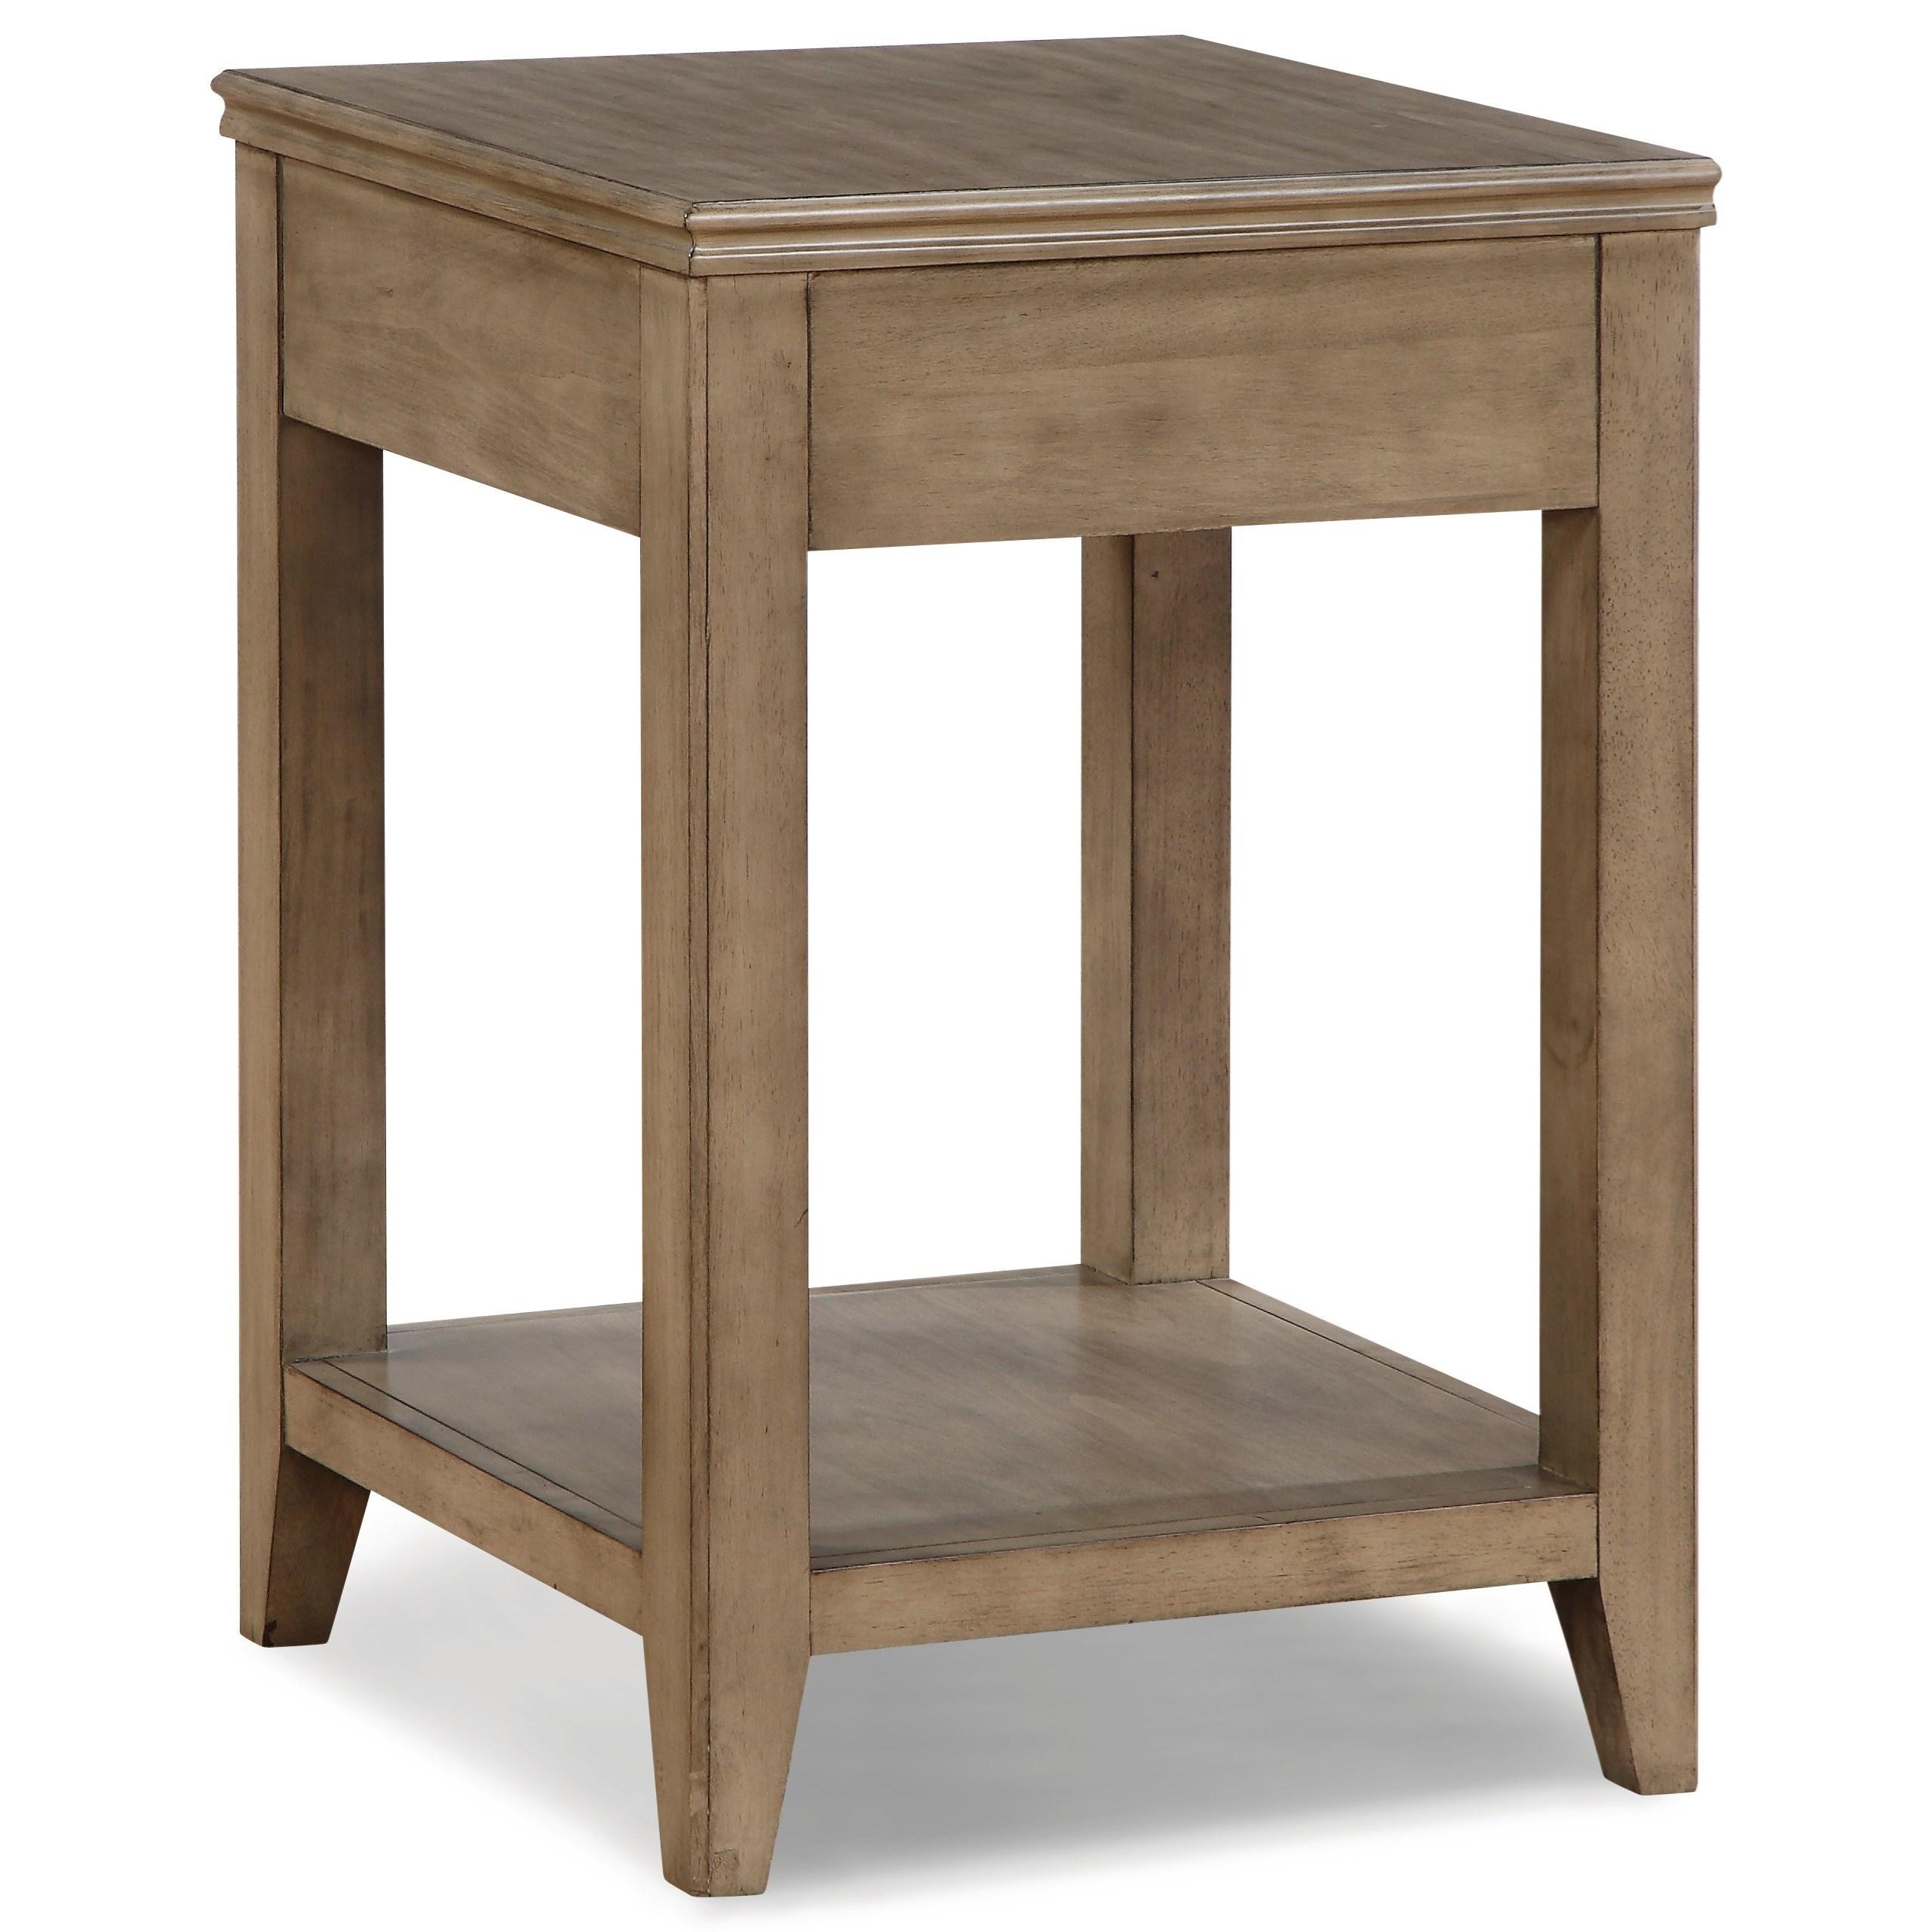 flexsteel wynwood collection camden contemporary corner table olinde 39 s furniture end tables. Black Bedroom Furniture Sets. Home Design Ideas